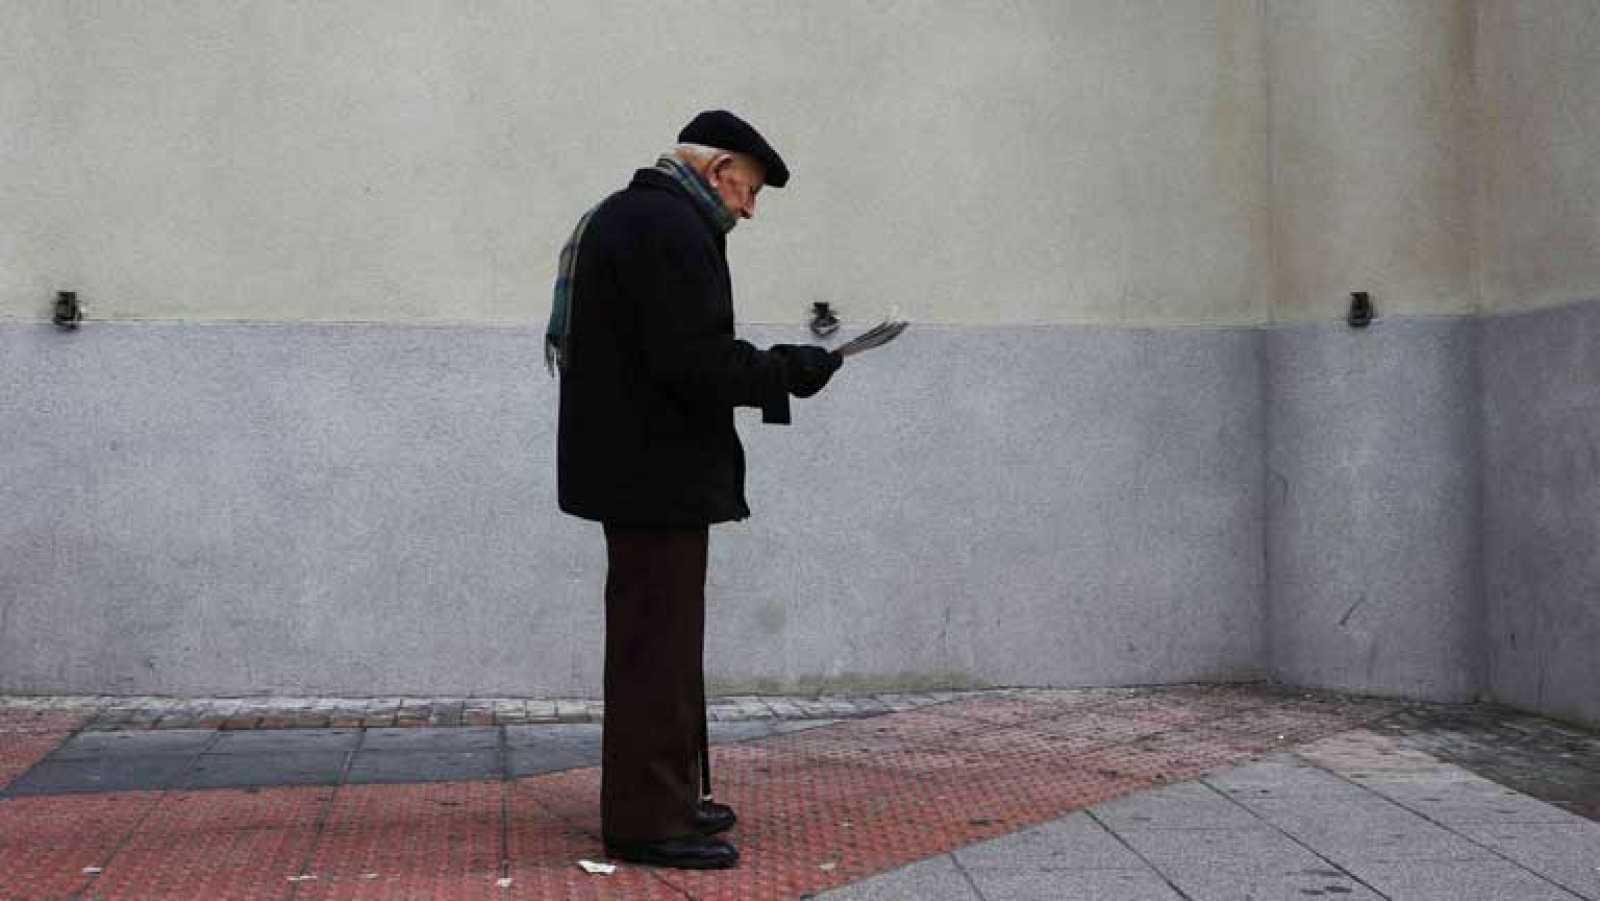 El uno de enero entra en vigor la nueva edad de jubilación